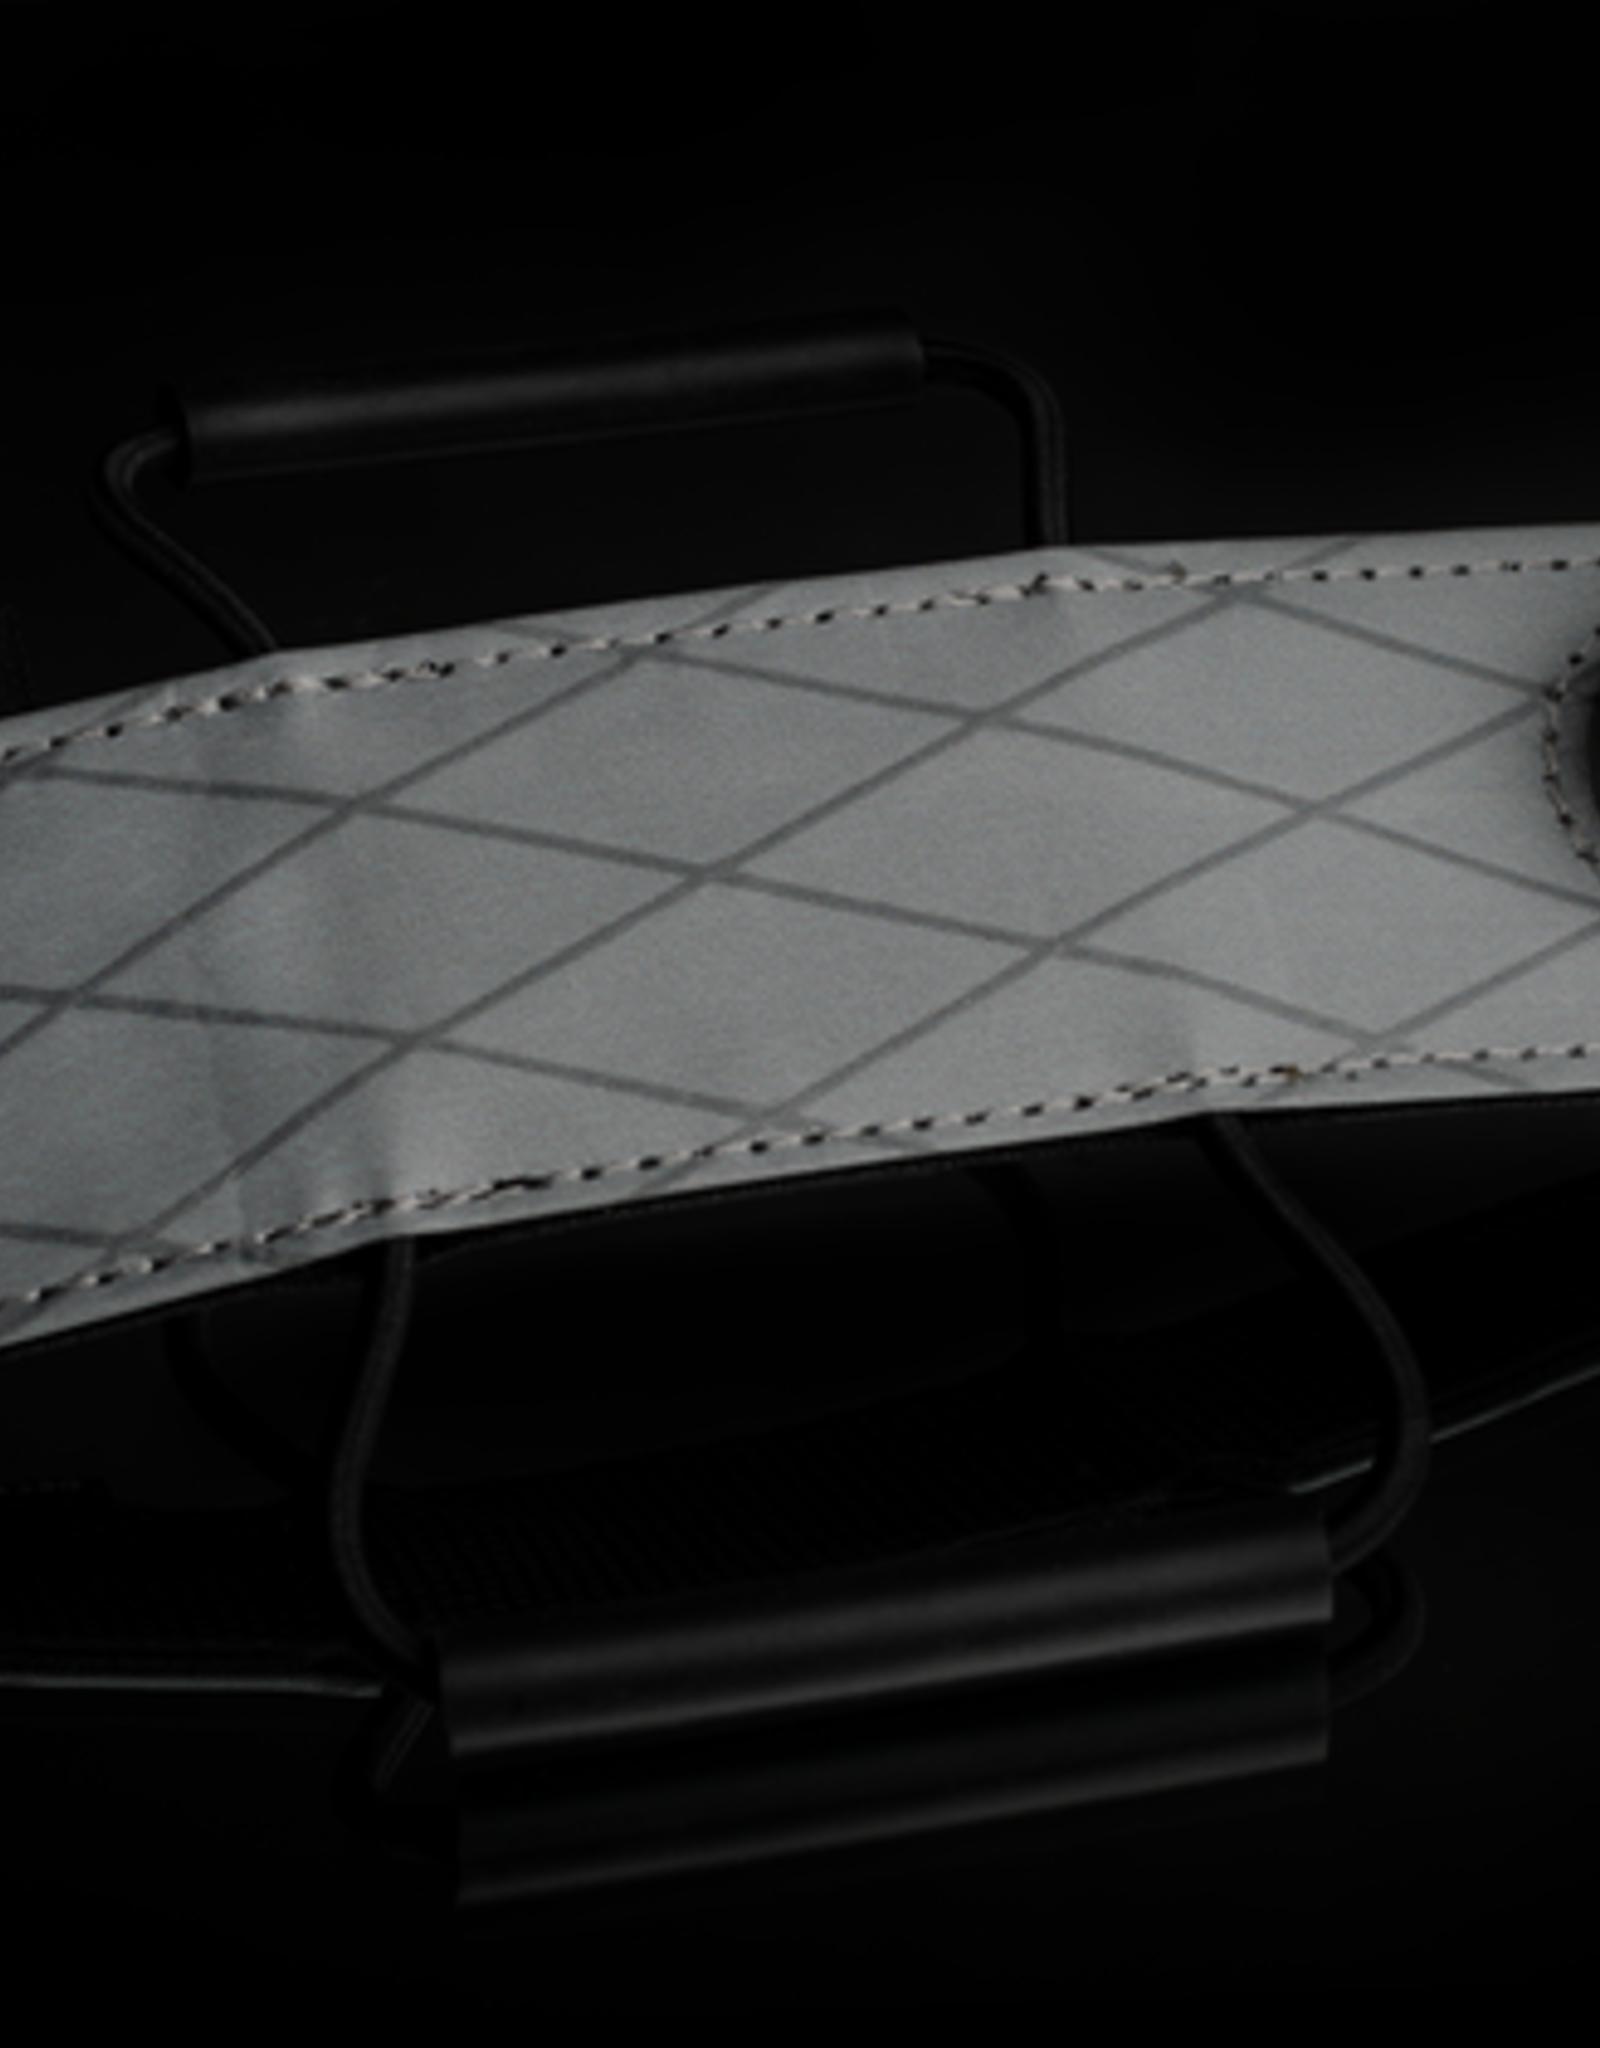 OCCAM Designs Occam Apex Frame Strap - BOA System